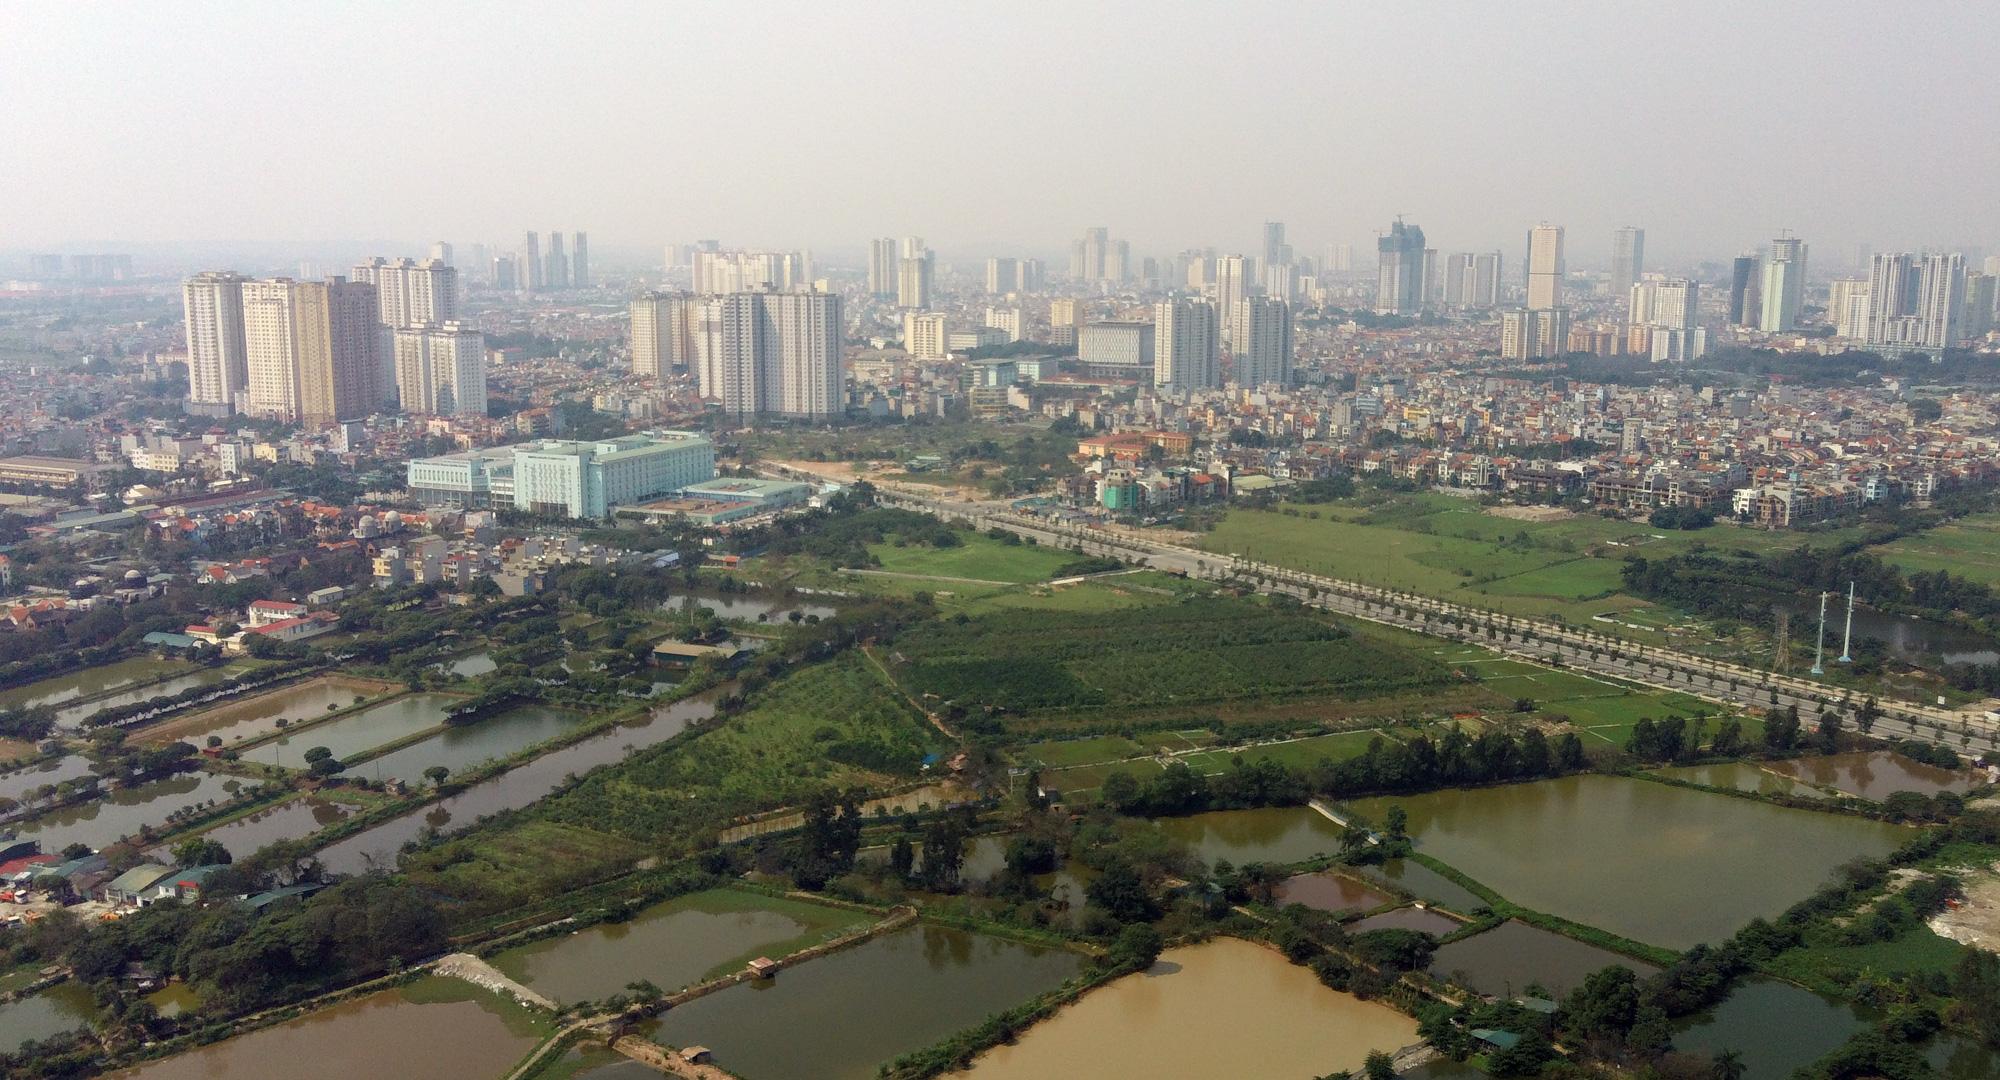 Đường sẽ mở theo qui hoạch: Toàn cảnh đường trục Tây Nam Hà Nội qua KĐT Thanh Hà - Ảnh 7.